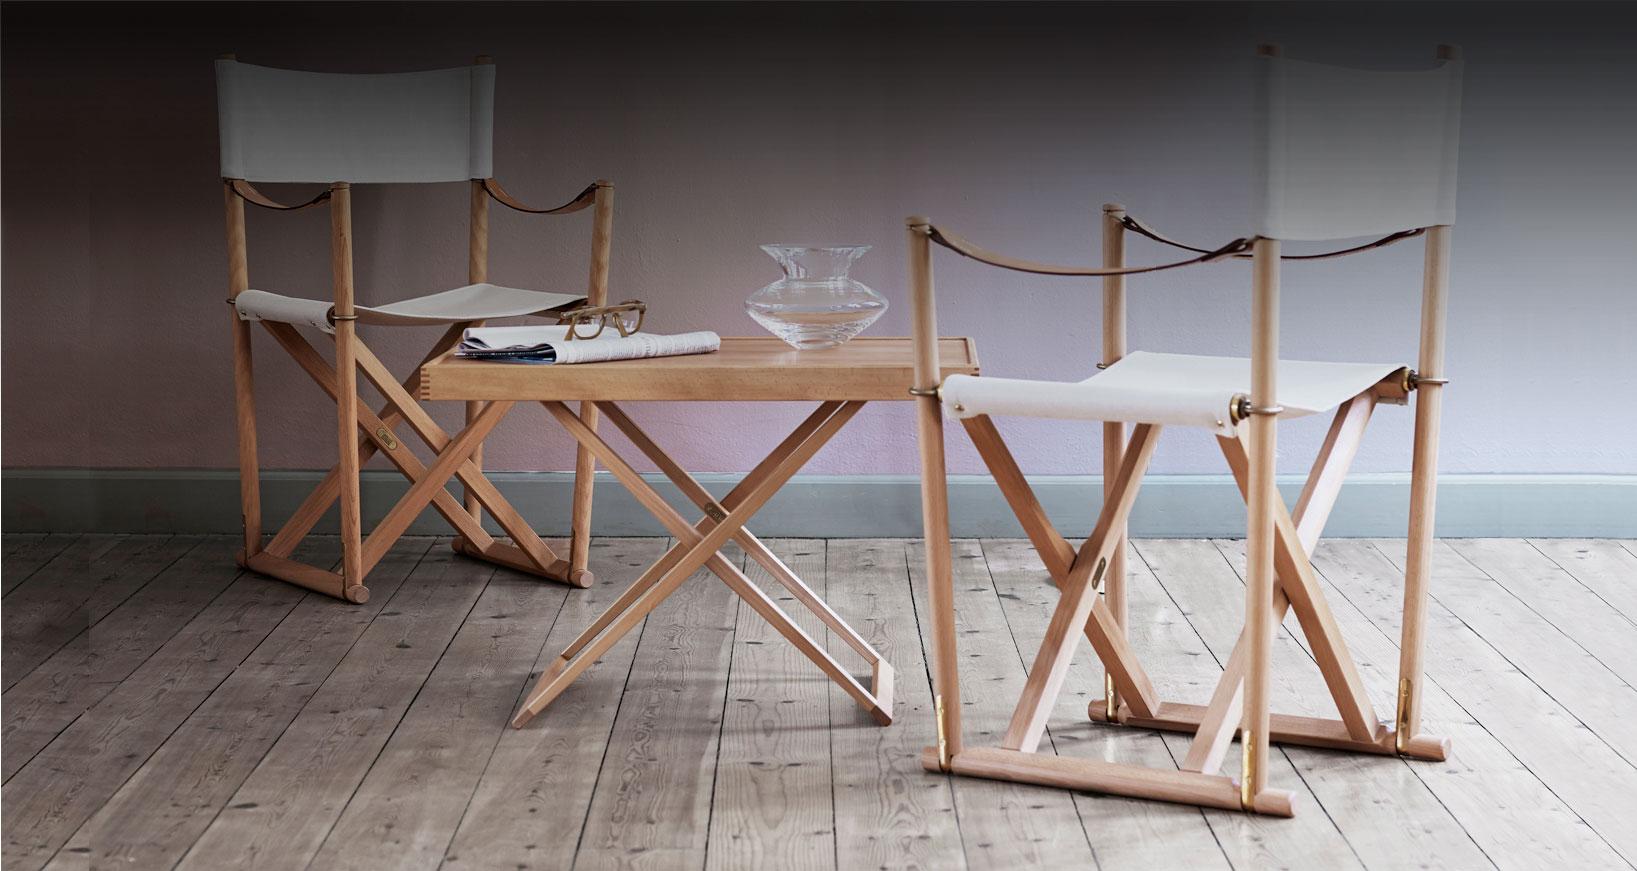 Необычный журнальный столик с современным дизайном, фото столика MK98860